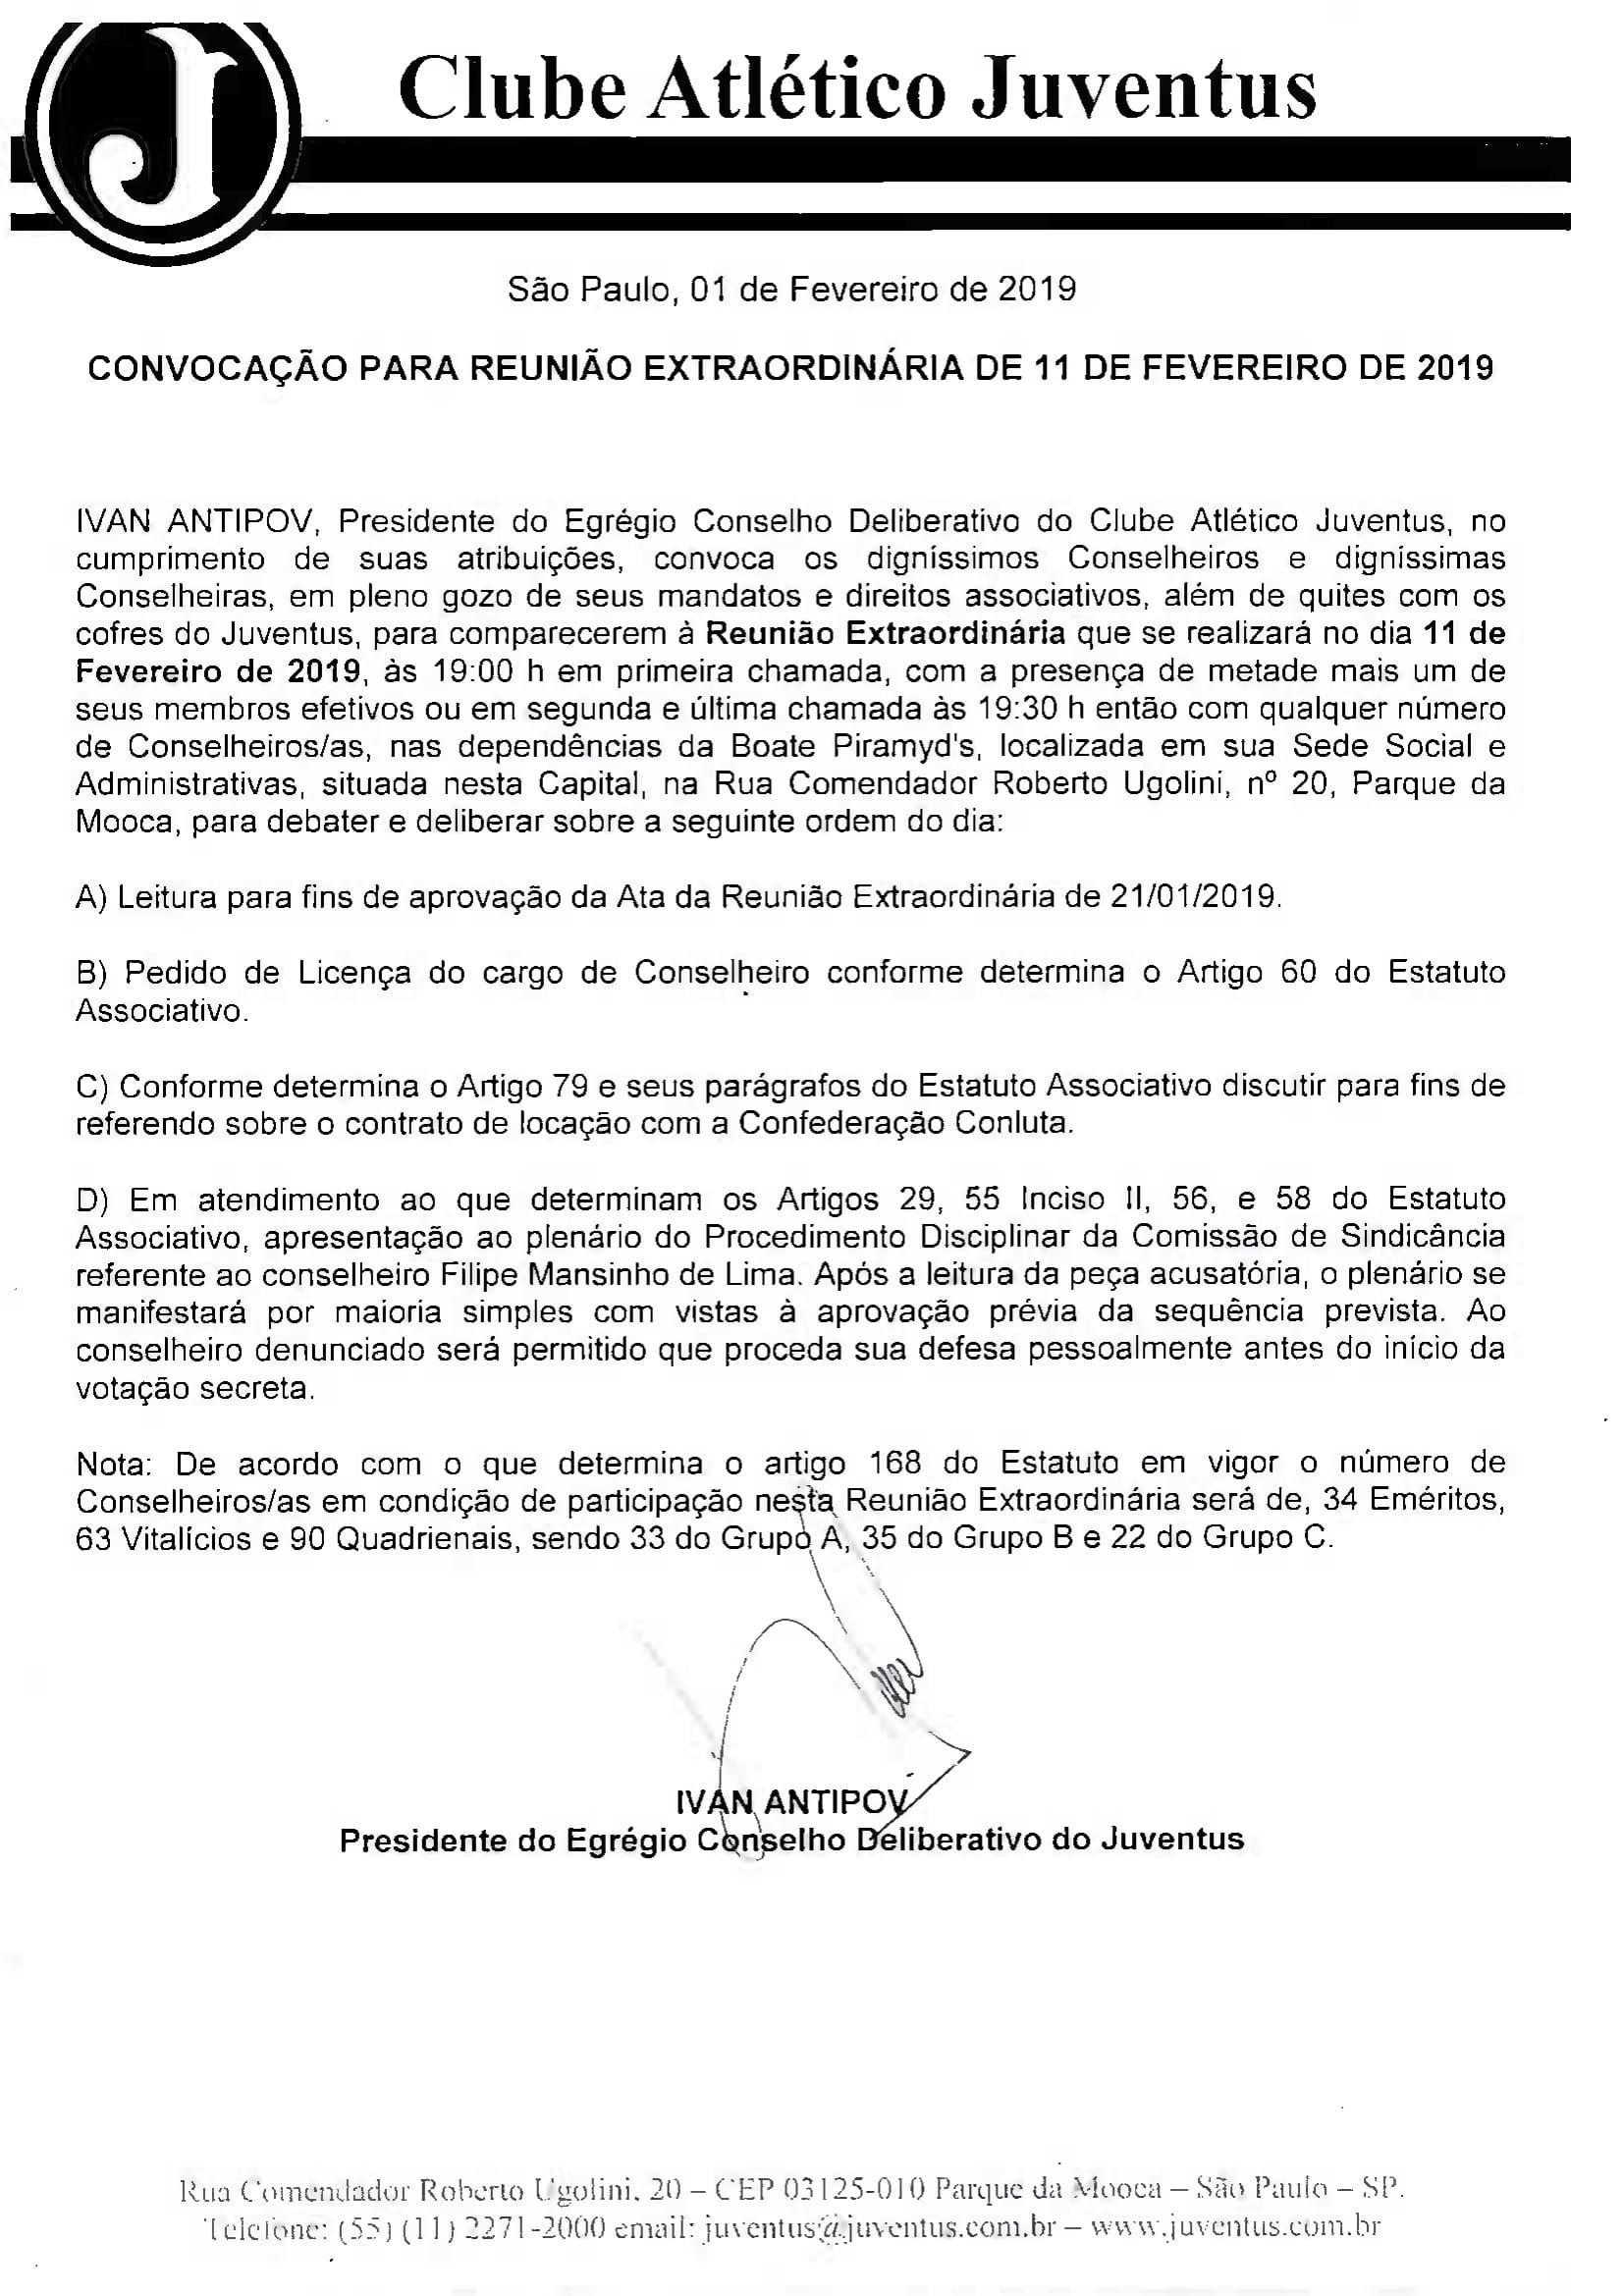 EDITAL DE CONVOCAÇÃO 11-02-2019